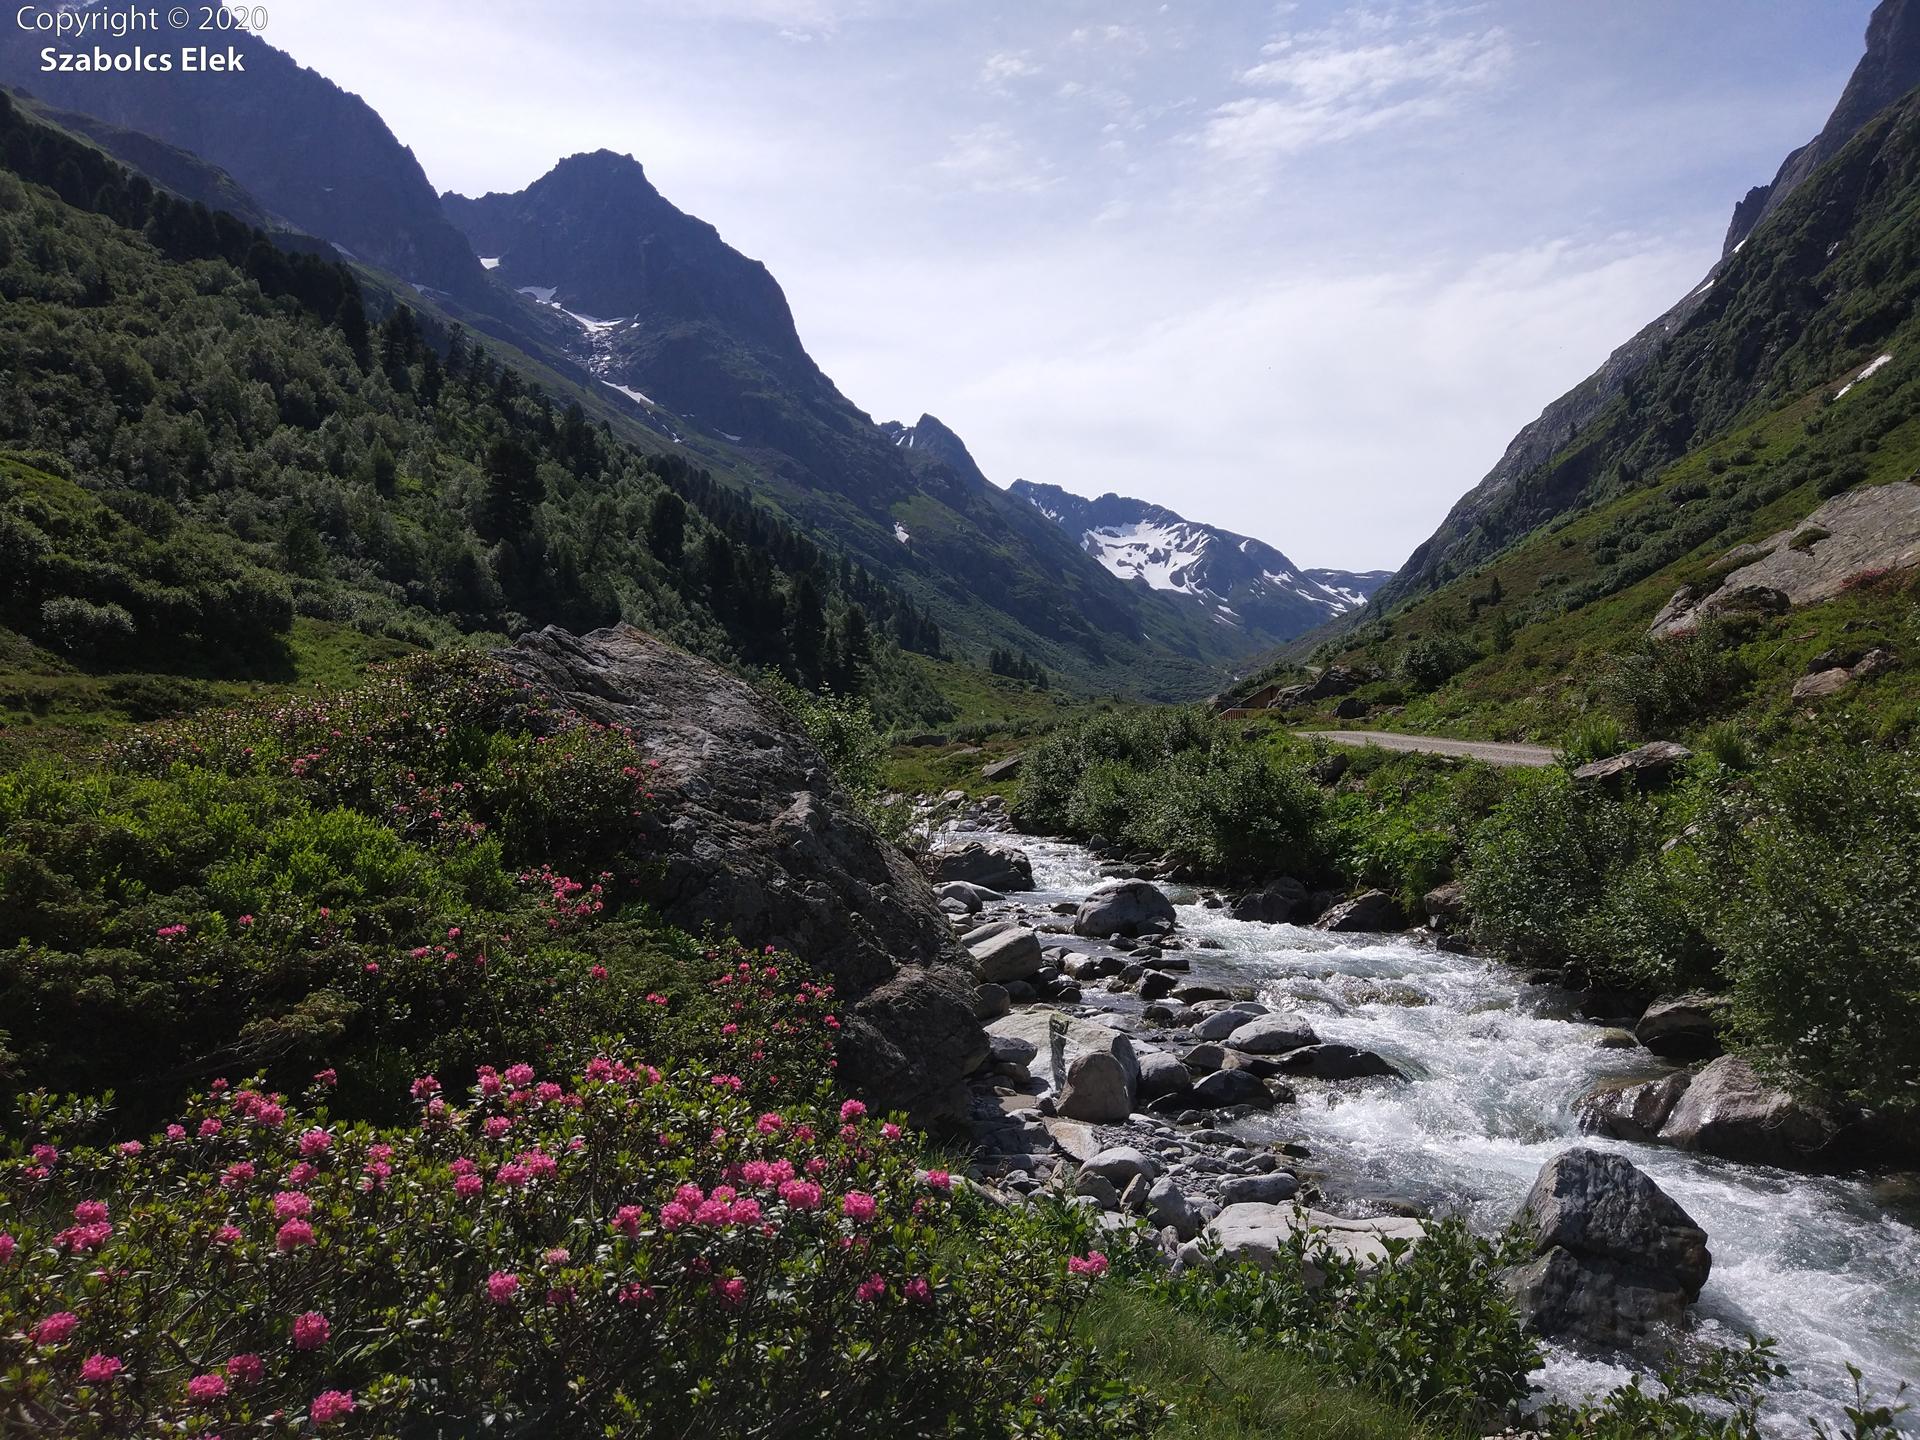 Gyönyörű völgy a Verwall hegységben